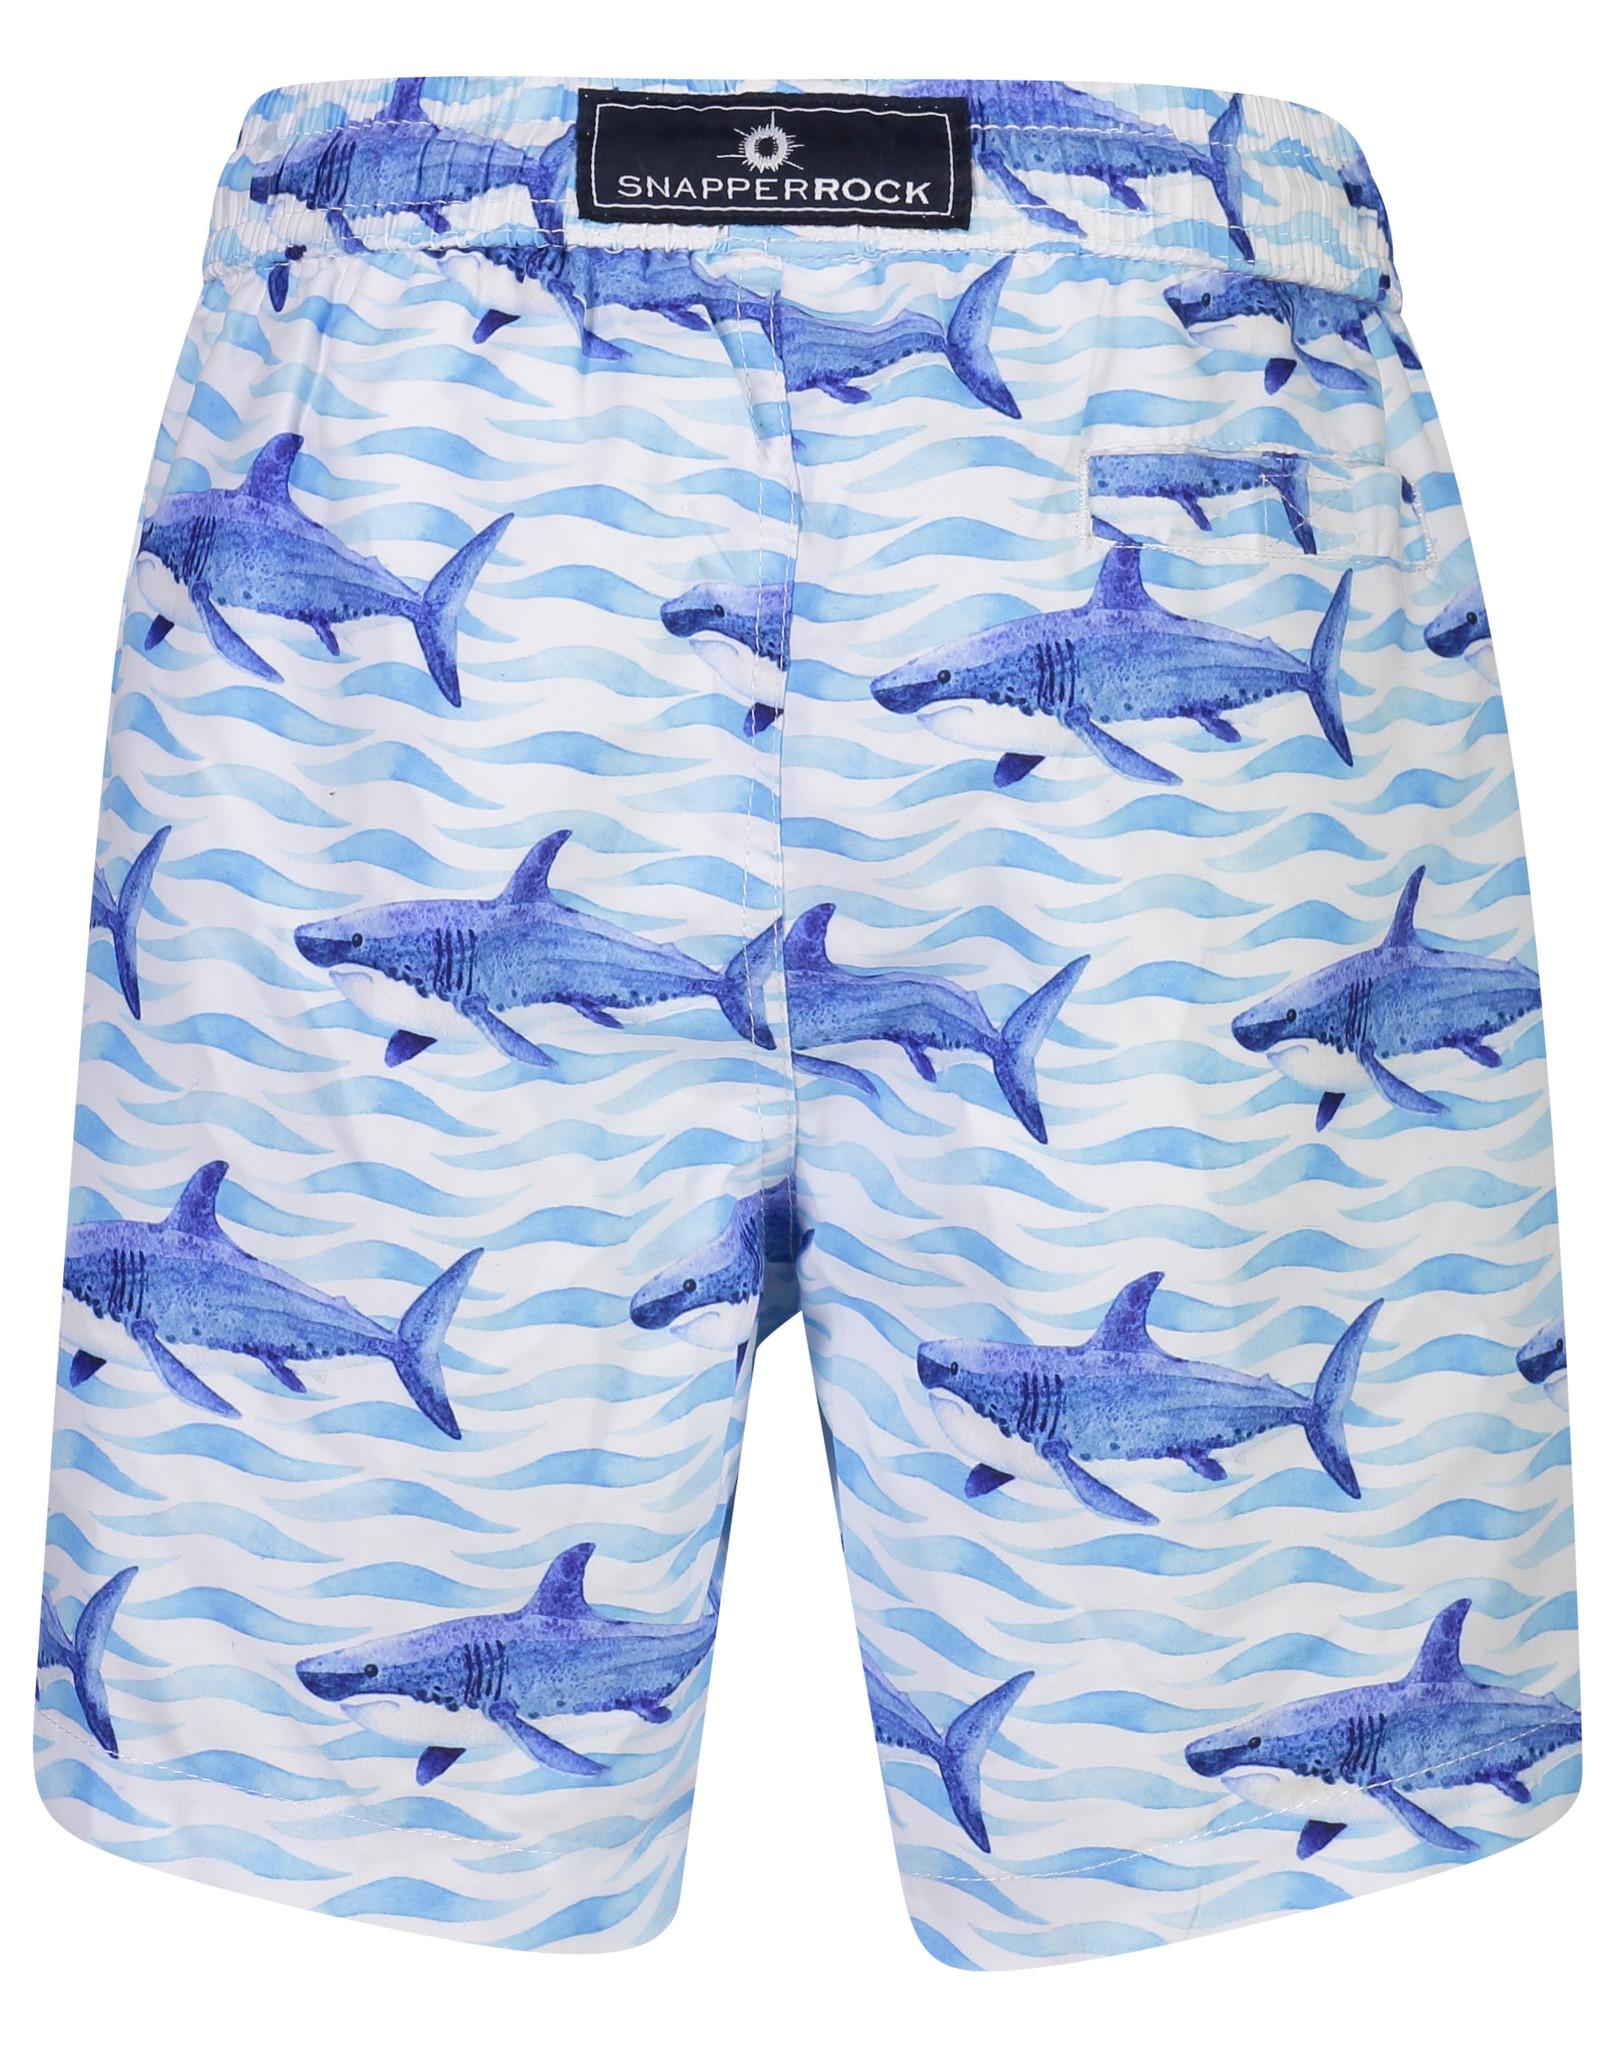 SCHOOL OF SHARKS BOARDIES